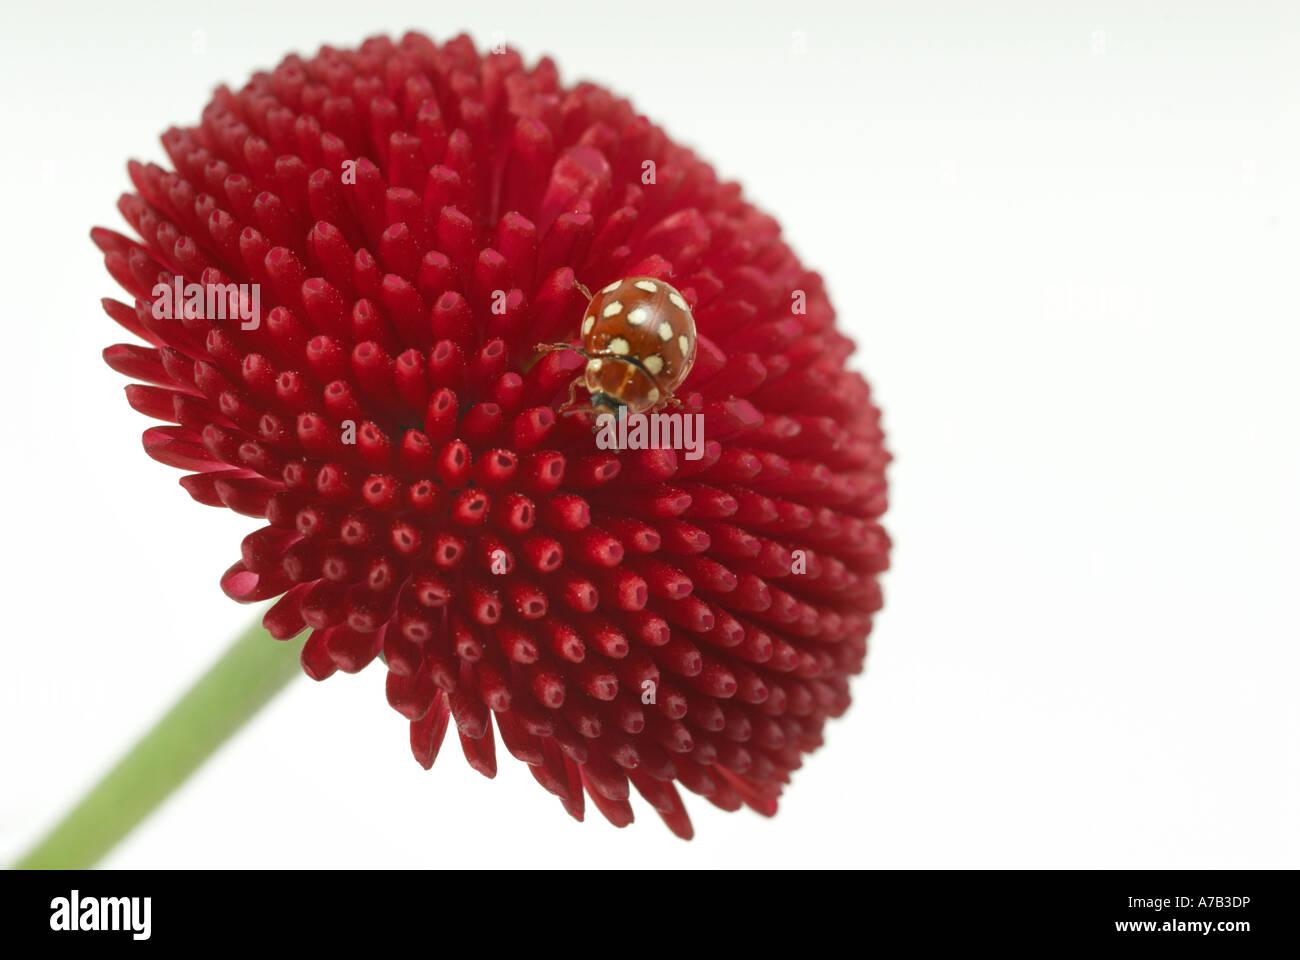 sixteen '16 spot' ladybird on a red daisy flower - Stock Image